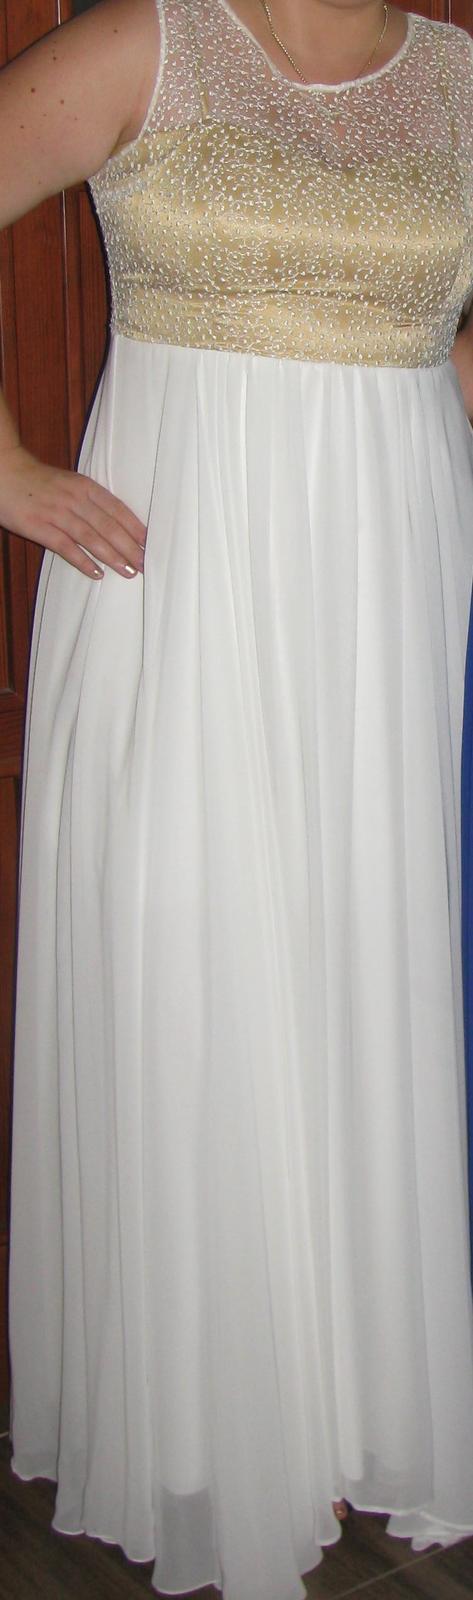 Jednoduché svadobné alebo spoločenské šaty - Obrázok č. 3